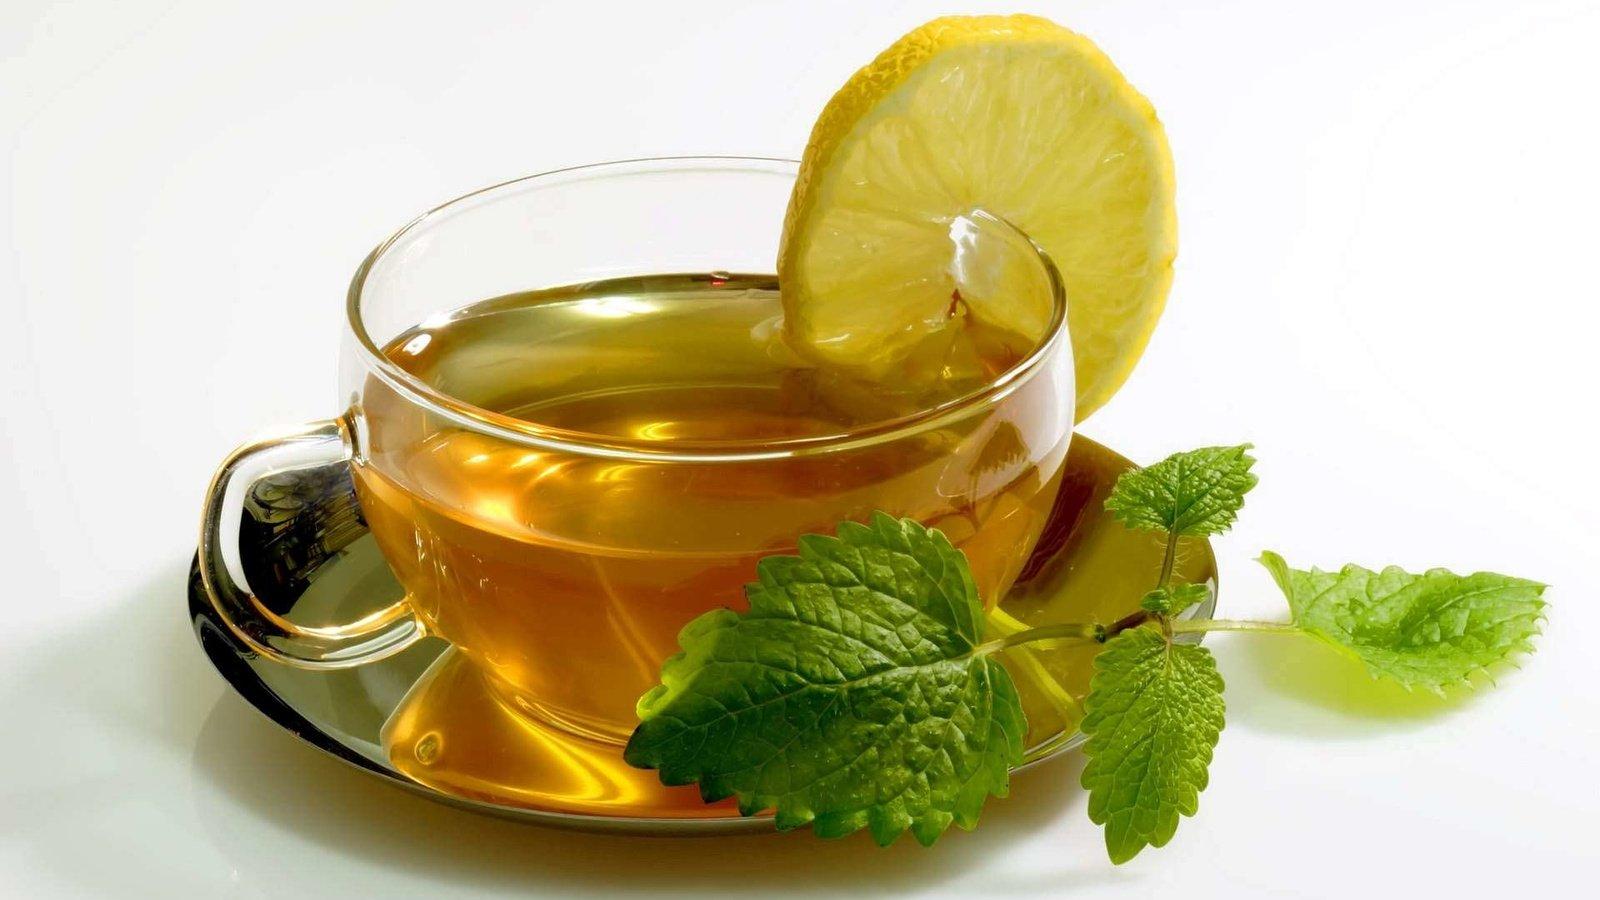 еда чай лимон мята eda tea lemon flicking  № 676106 загрузить